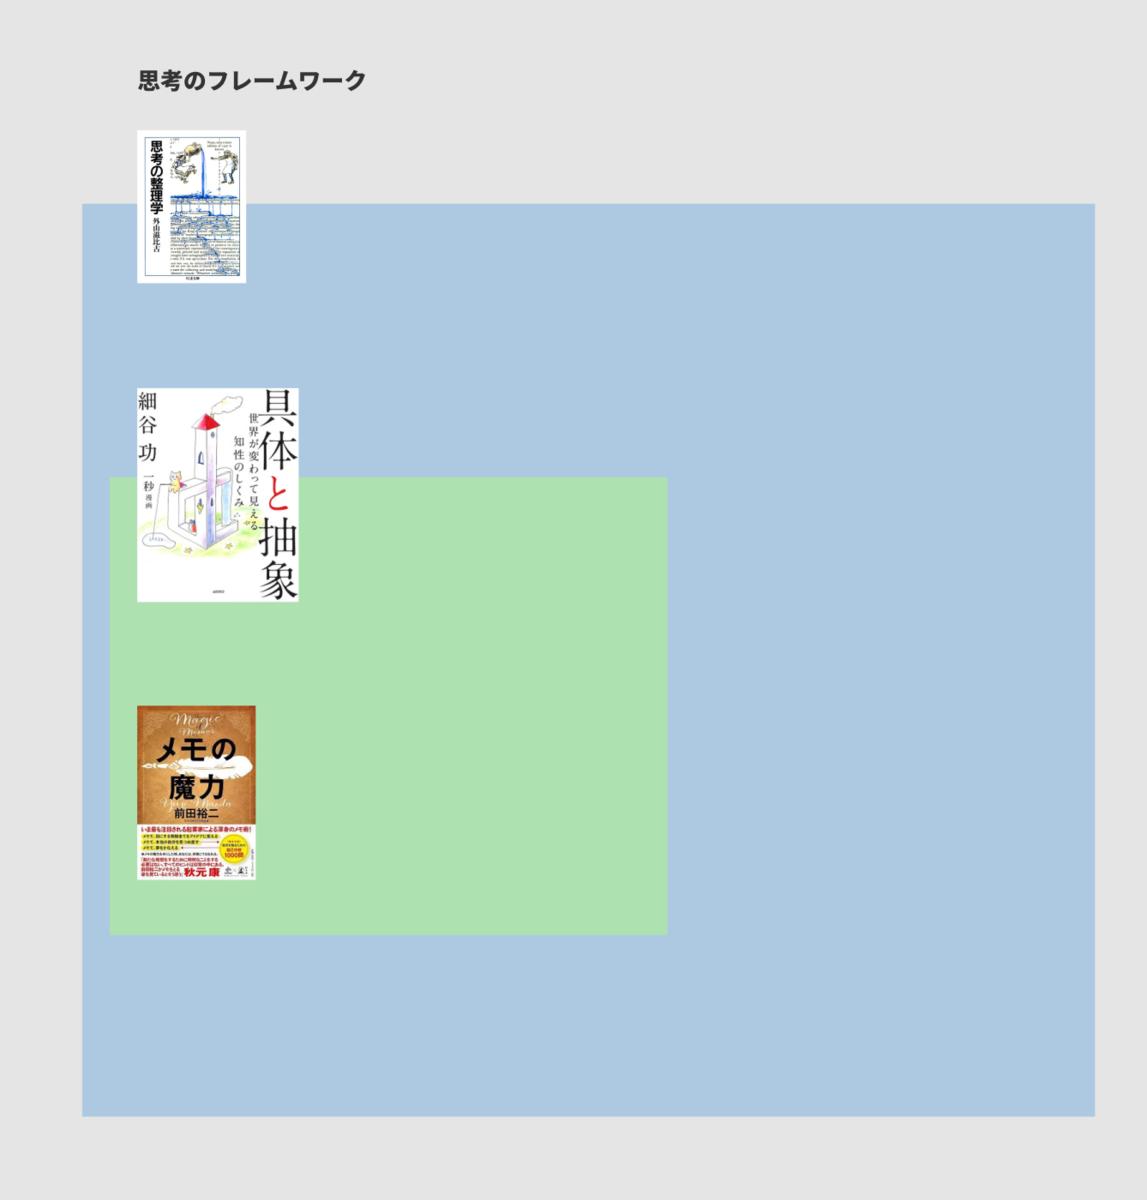 f:id:Saku-Saku:20201212232112p:plain